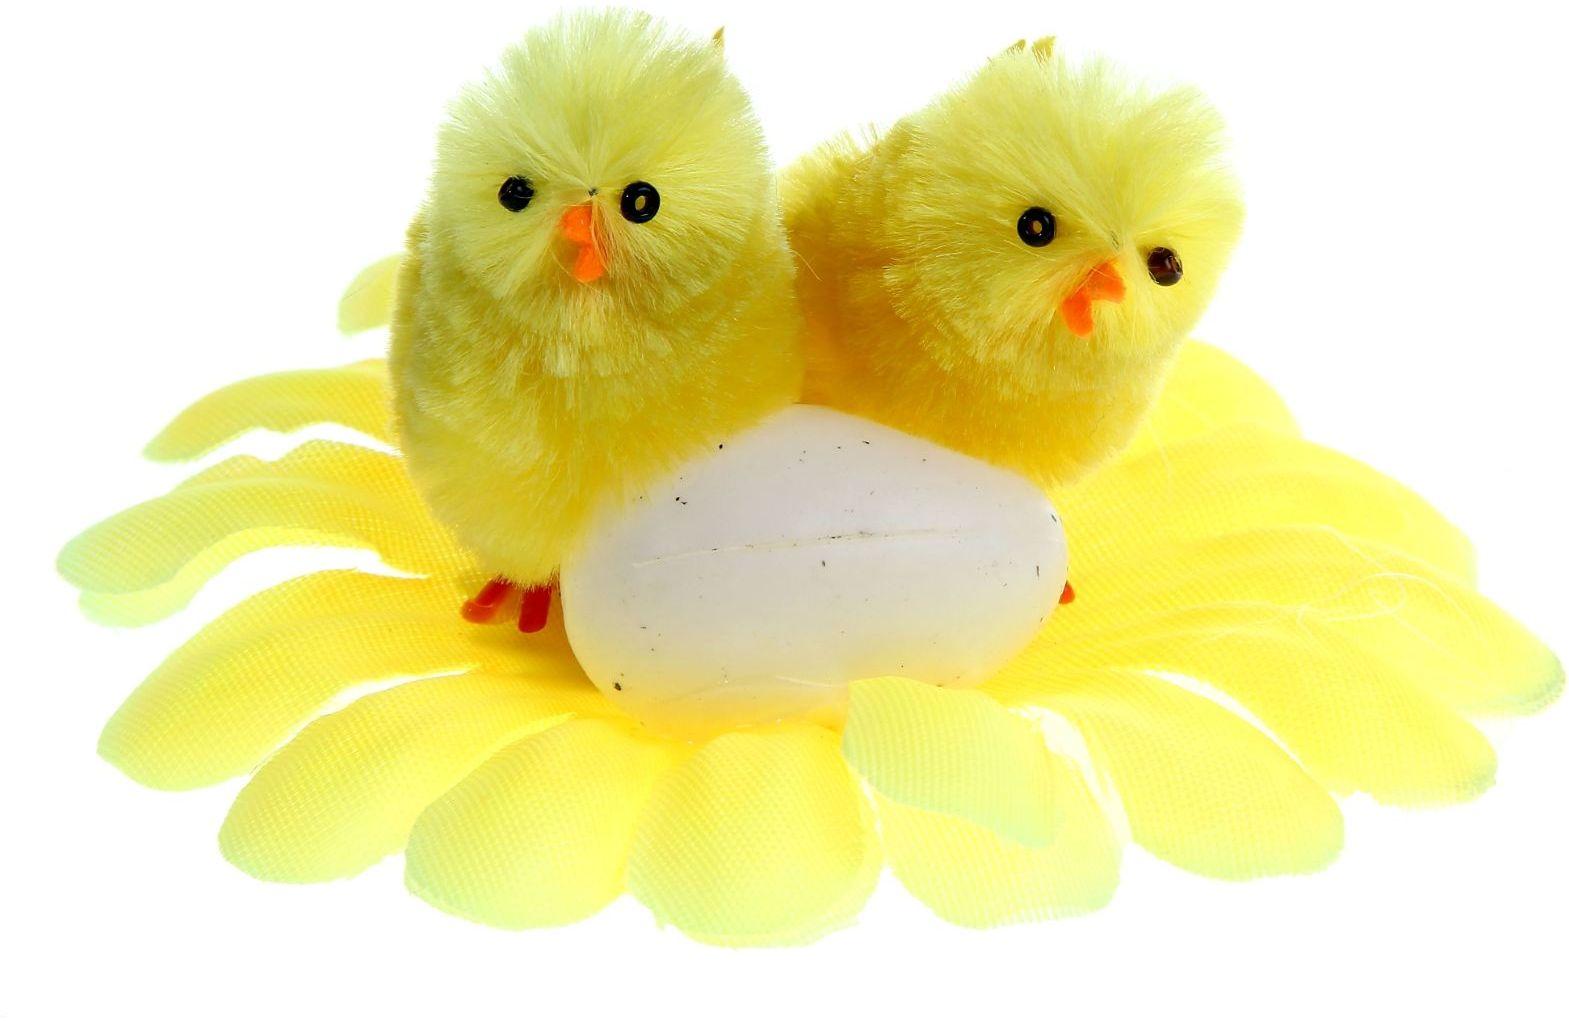 Сувенир пасхальный Sima-land Парочка с яйцом на цветке, 9 х 9 х 5 см945821Сувенир Парочка с яйцом на цветке - самый популярный пасхальный декор. Фигурками цып принято декорировать праздничный пасхальныйстол во многих странах мира. Россия не исключение. Вы можете украсить таким замечательным сувениром тарелку гостей, превратив её в гнездо. Или преподнести его в качестве подарка близкомучеловеку.